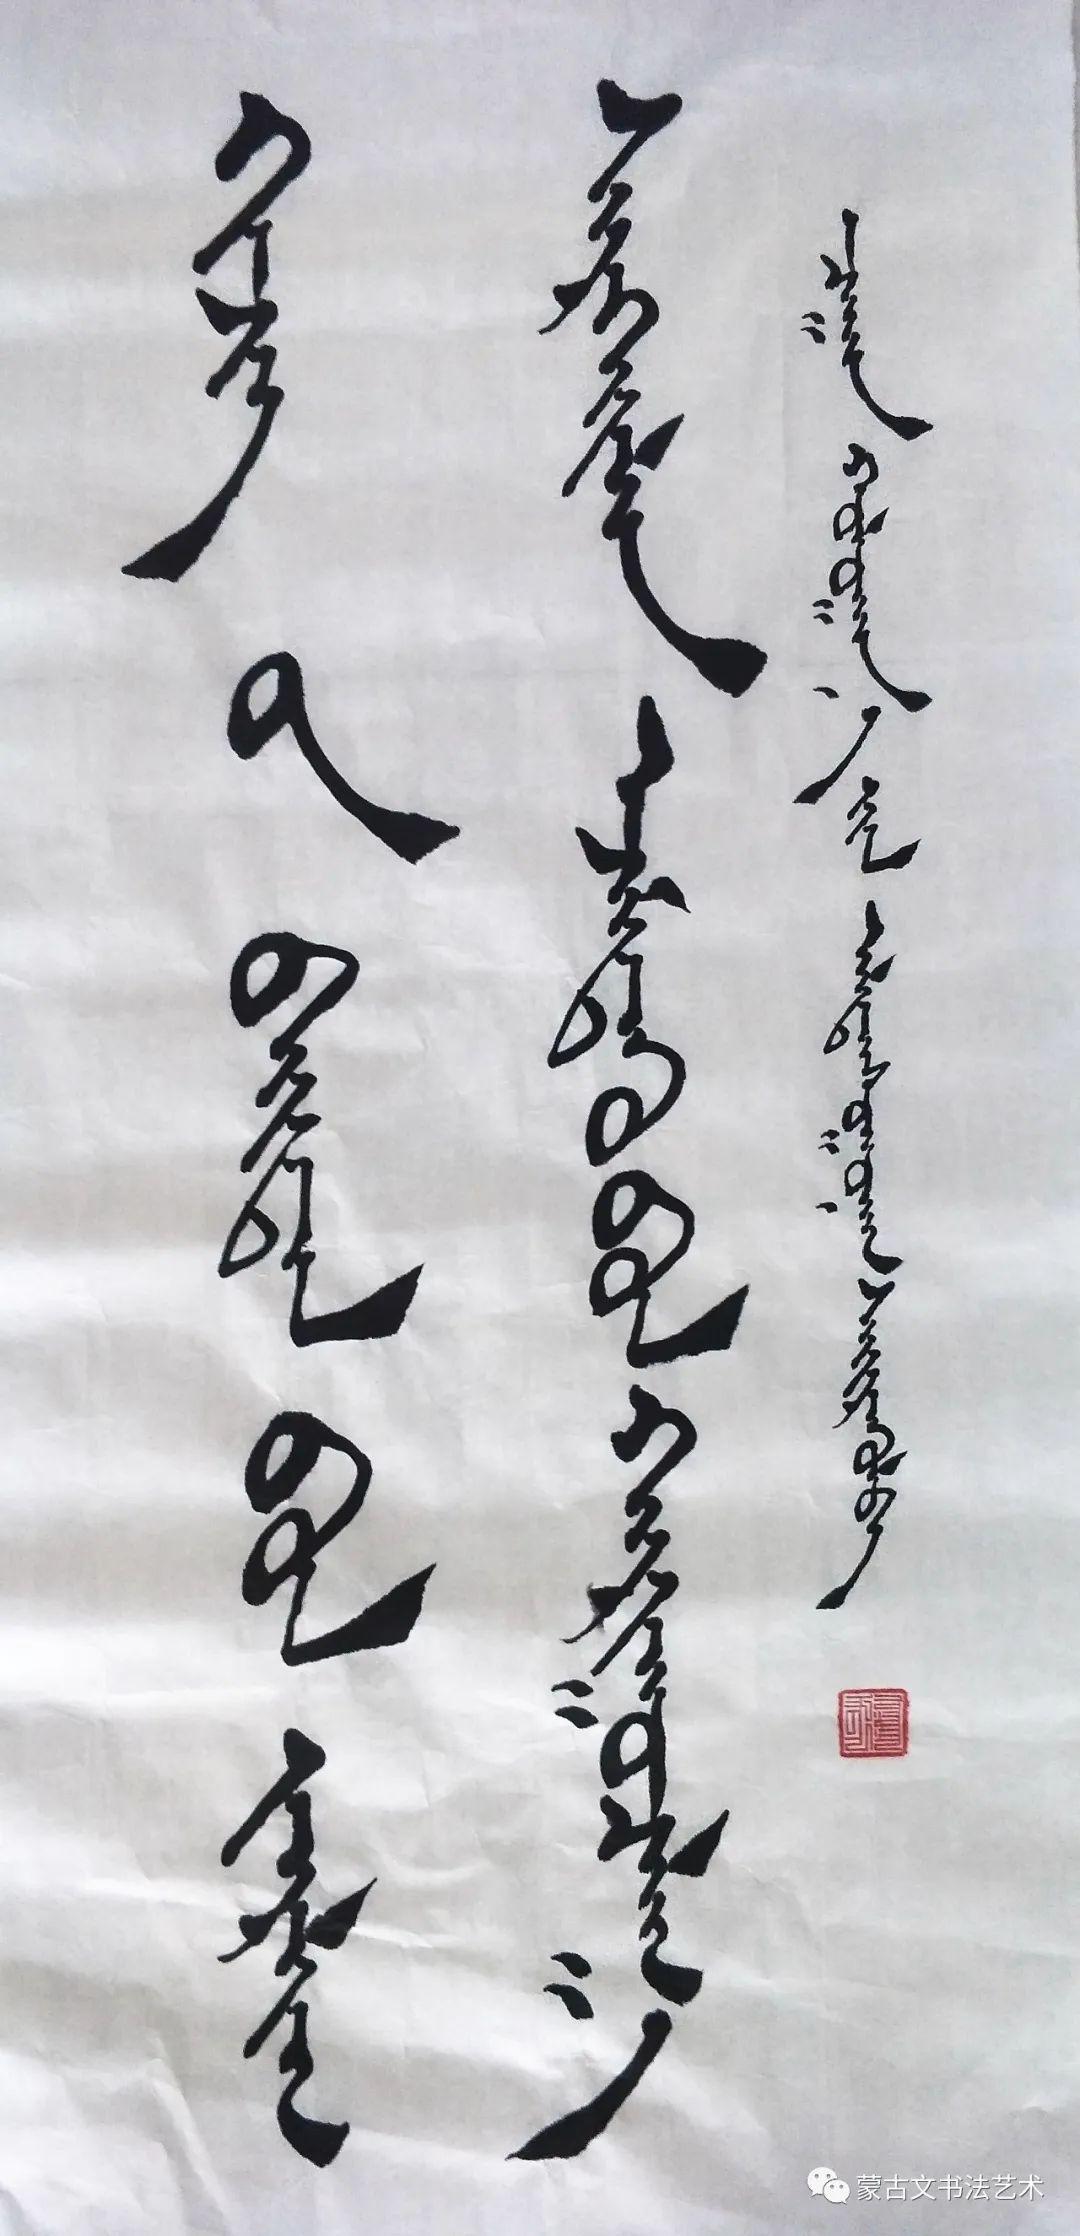 阿拉坦苏那嘎蒙古文书法 第13张 阿拉坦苏那嘎蒙古文书法 蒙古书法